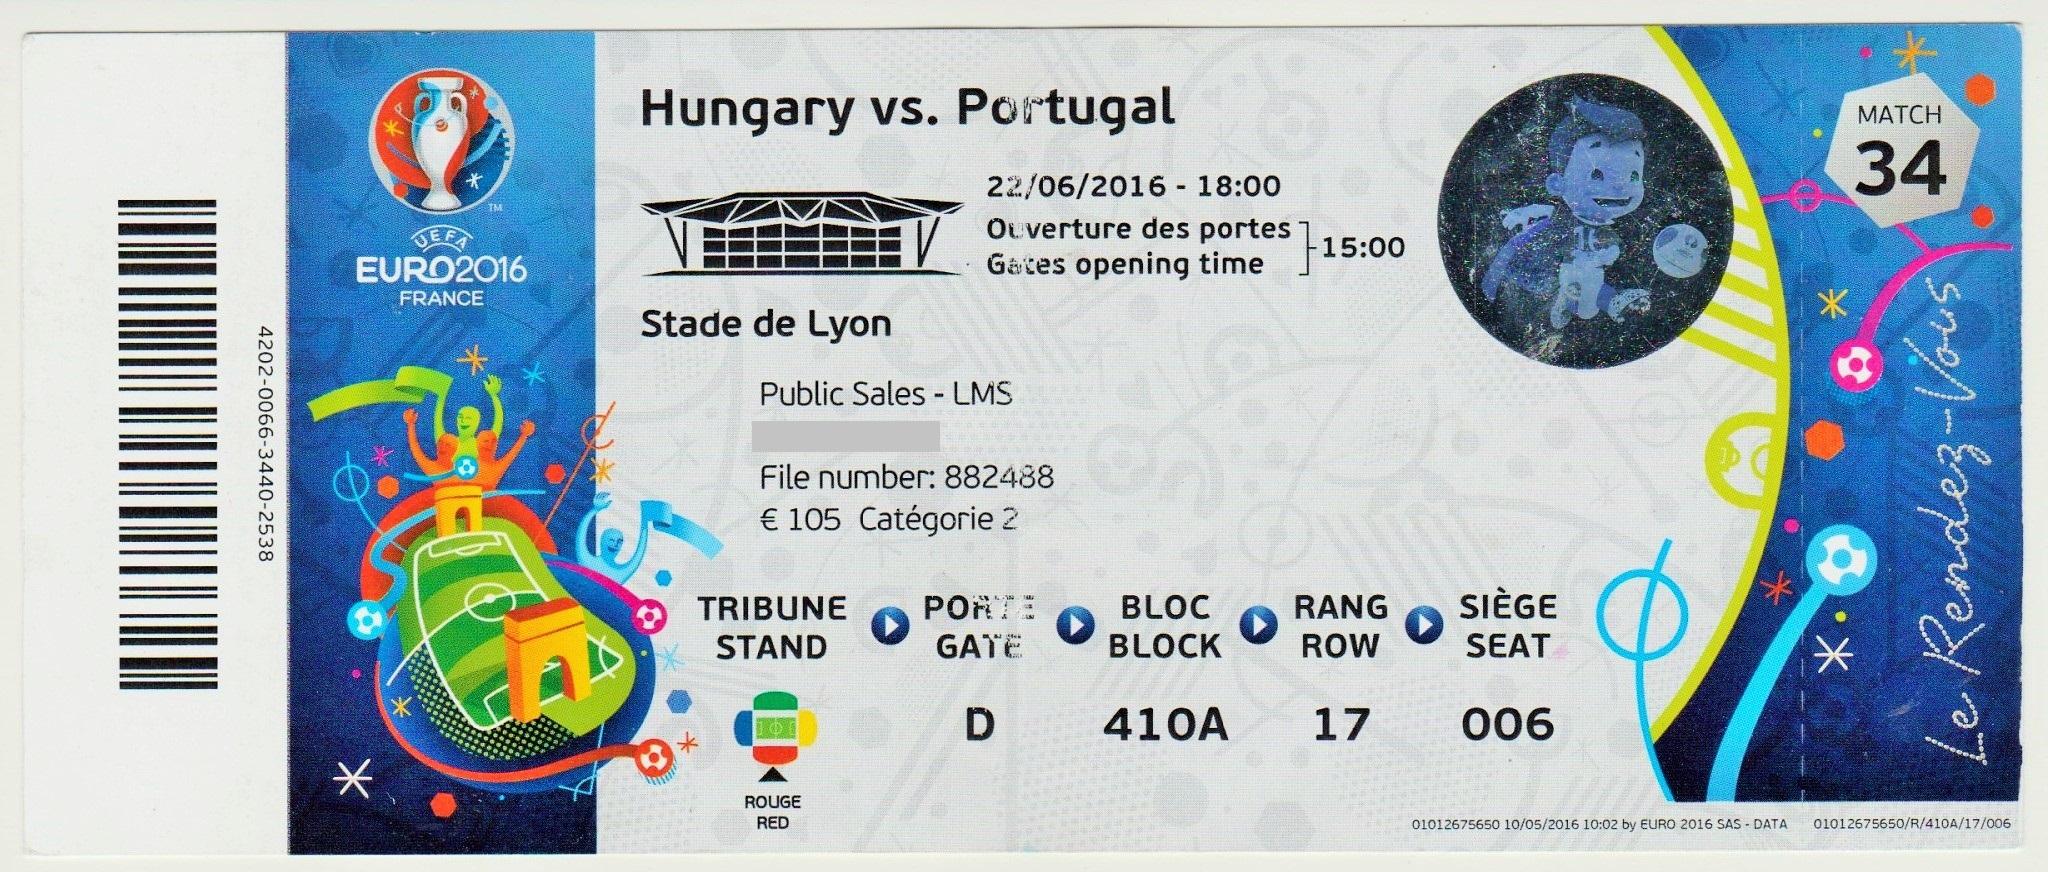 22/06/2016  Lyon : Hongrie  3 - 3  Portugal  > Gera, Dzsudzsak x 2 (Hon) -- Nani, Ronaldo x 2 (Por)  <